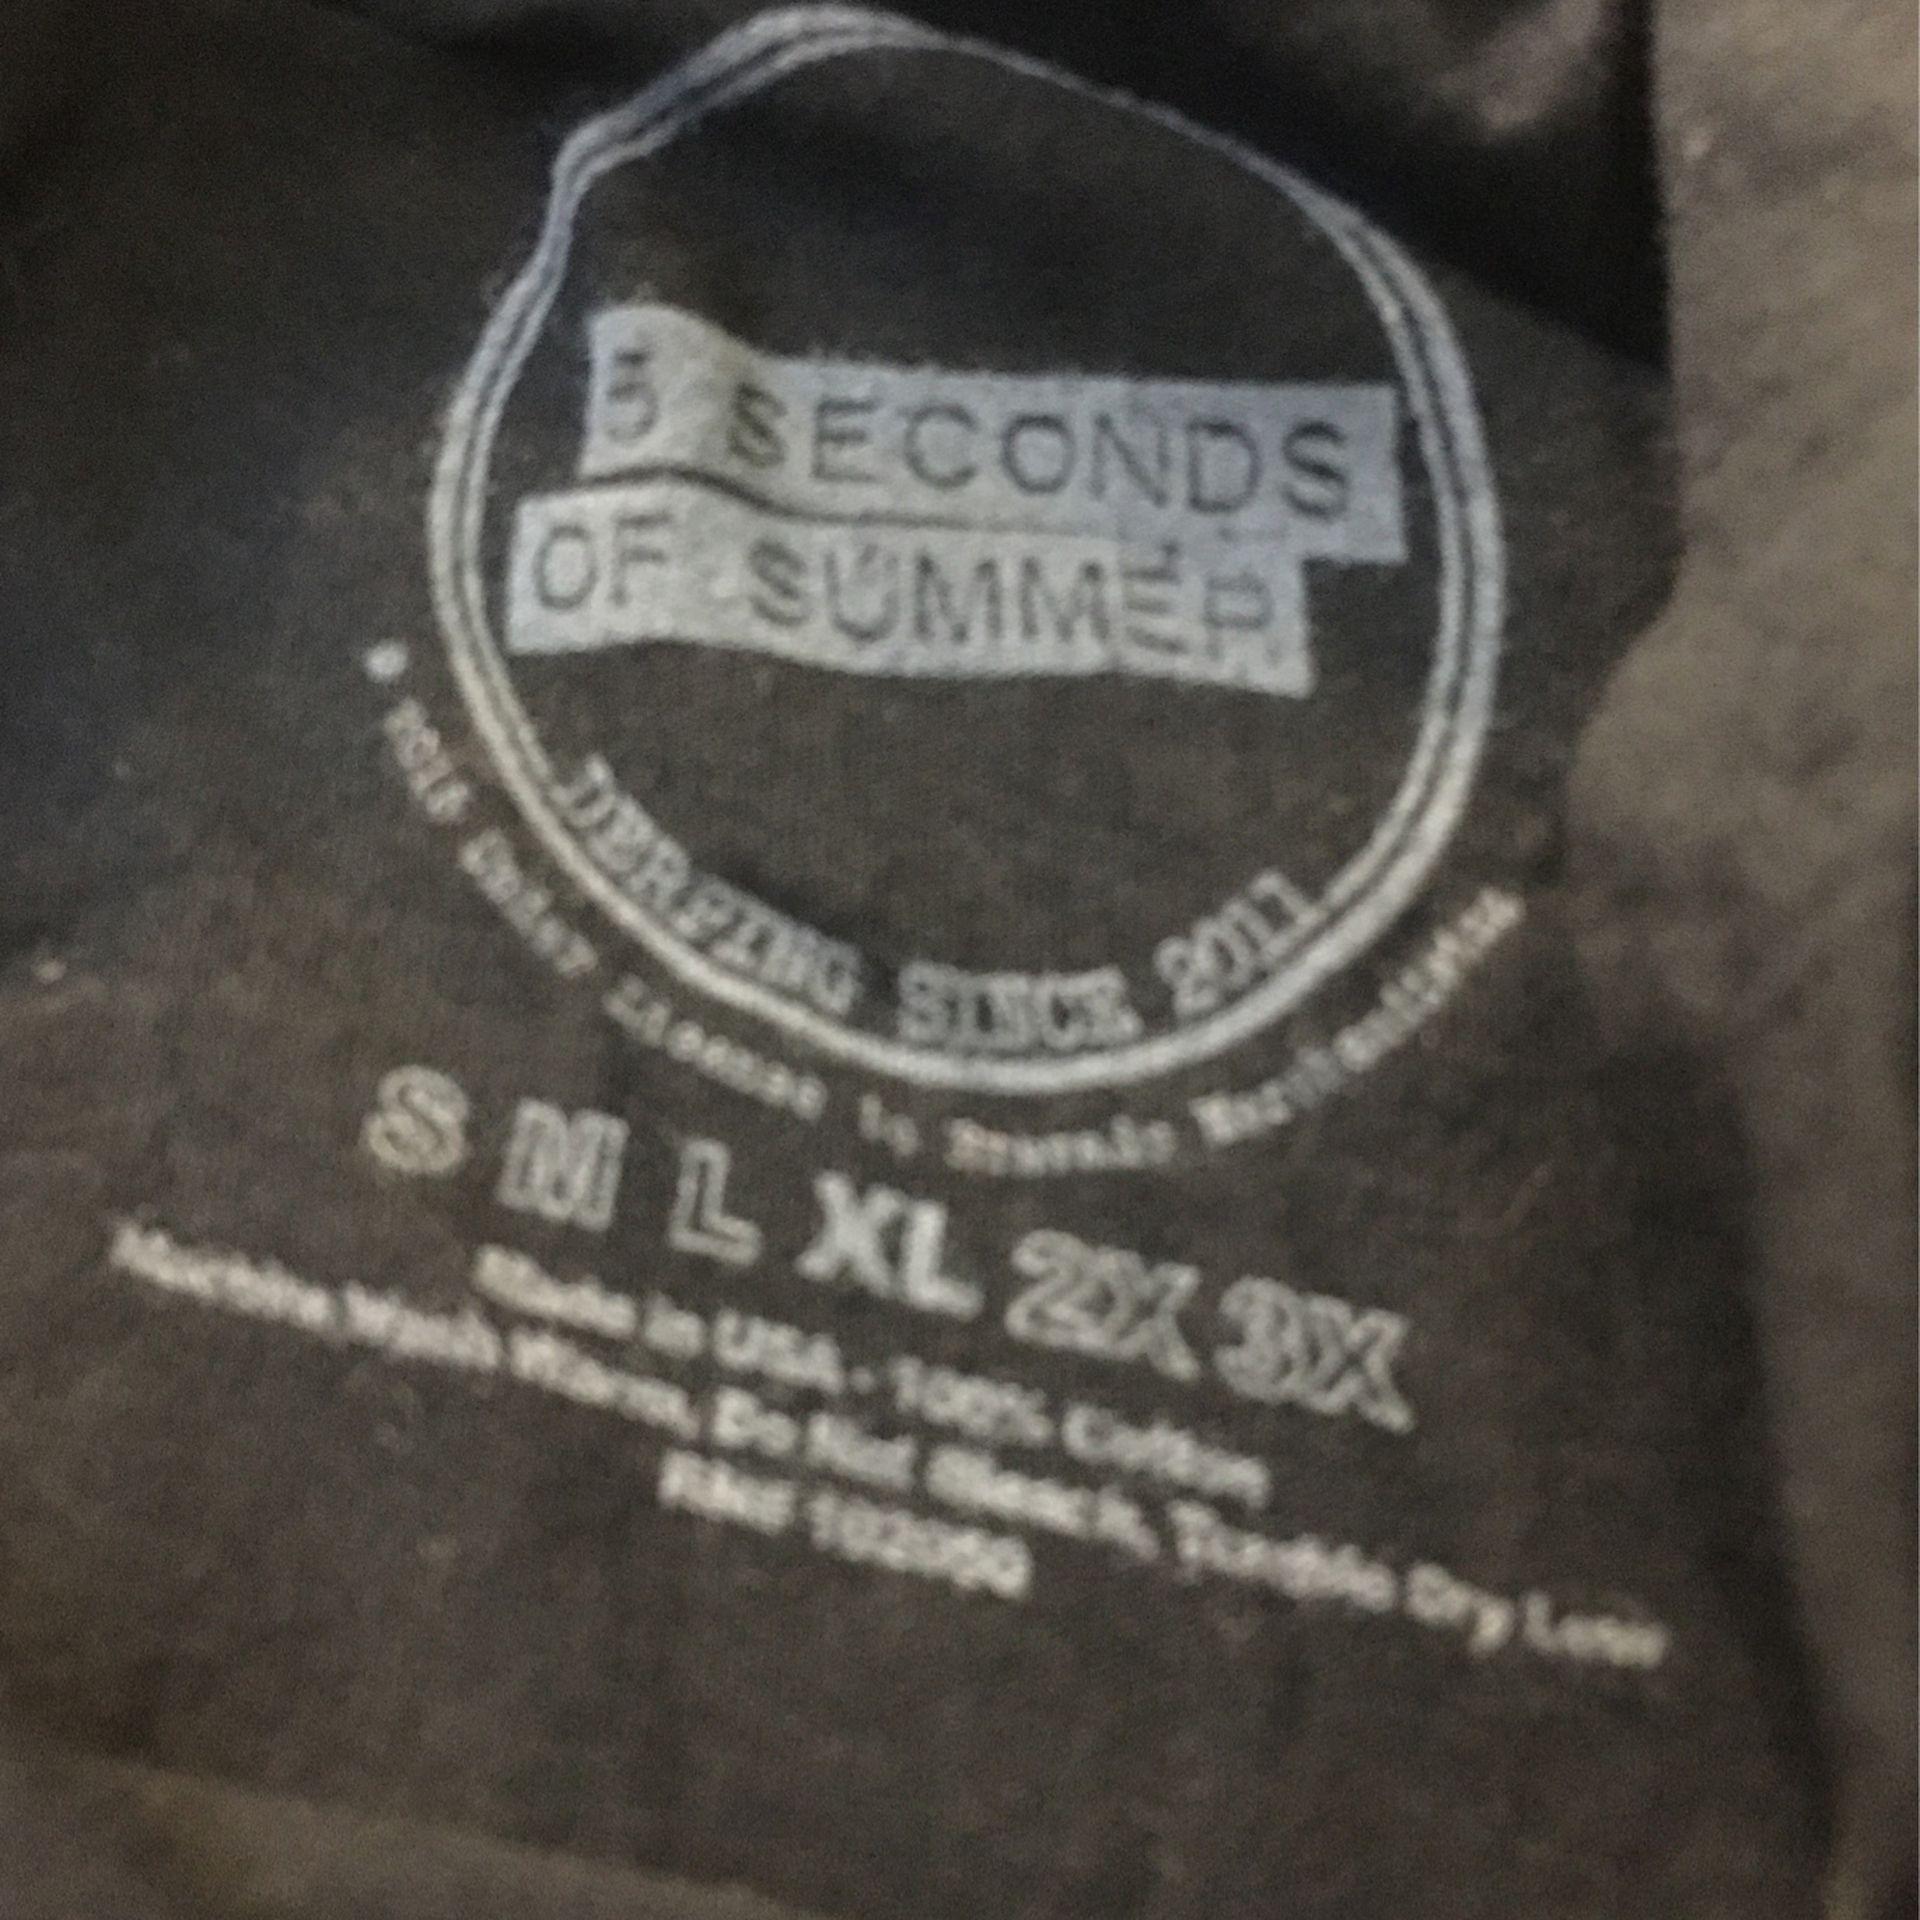 5 Seconds Of Summer Sleeveless Shirt